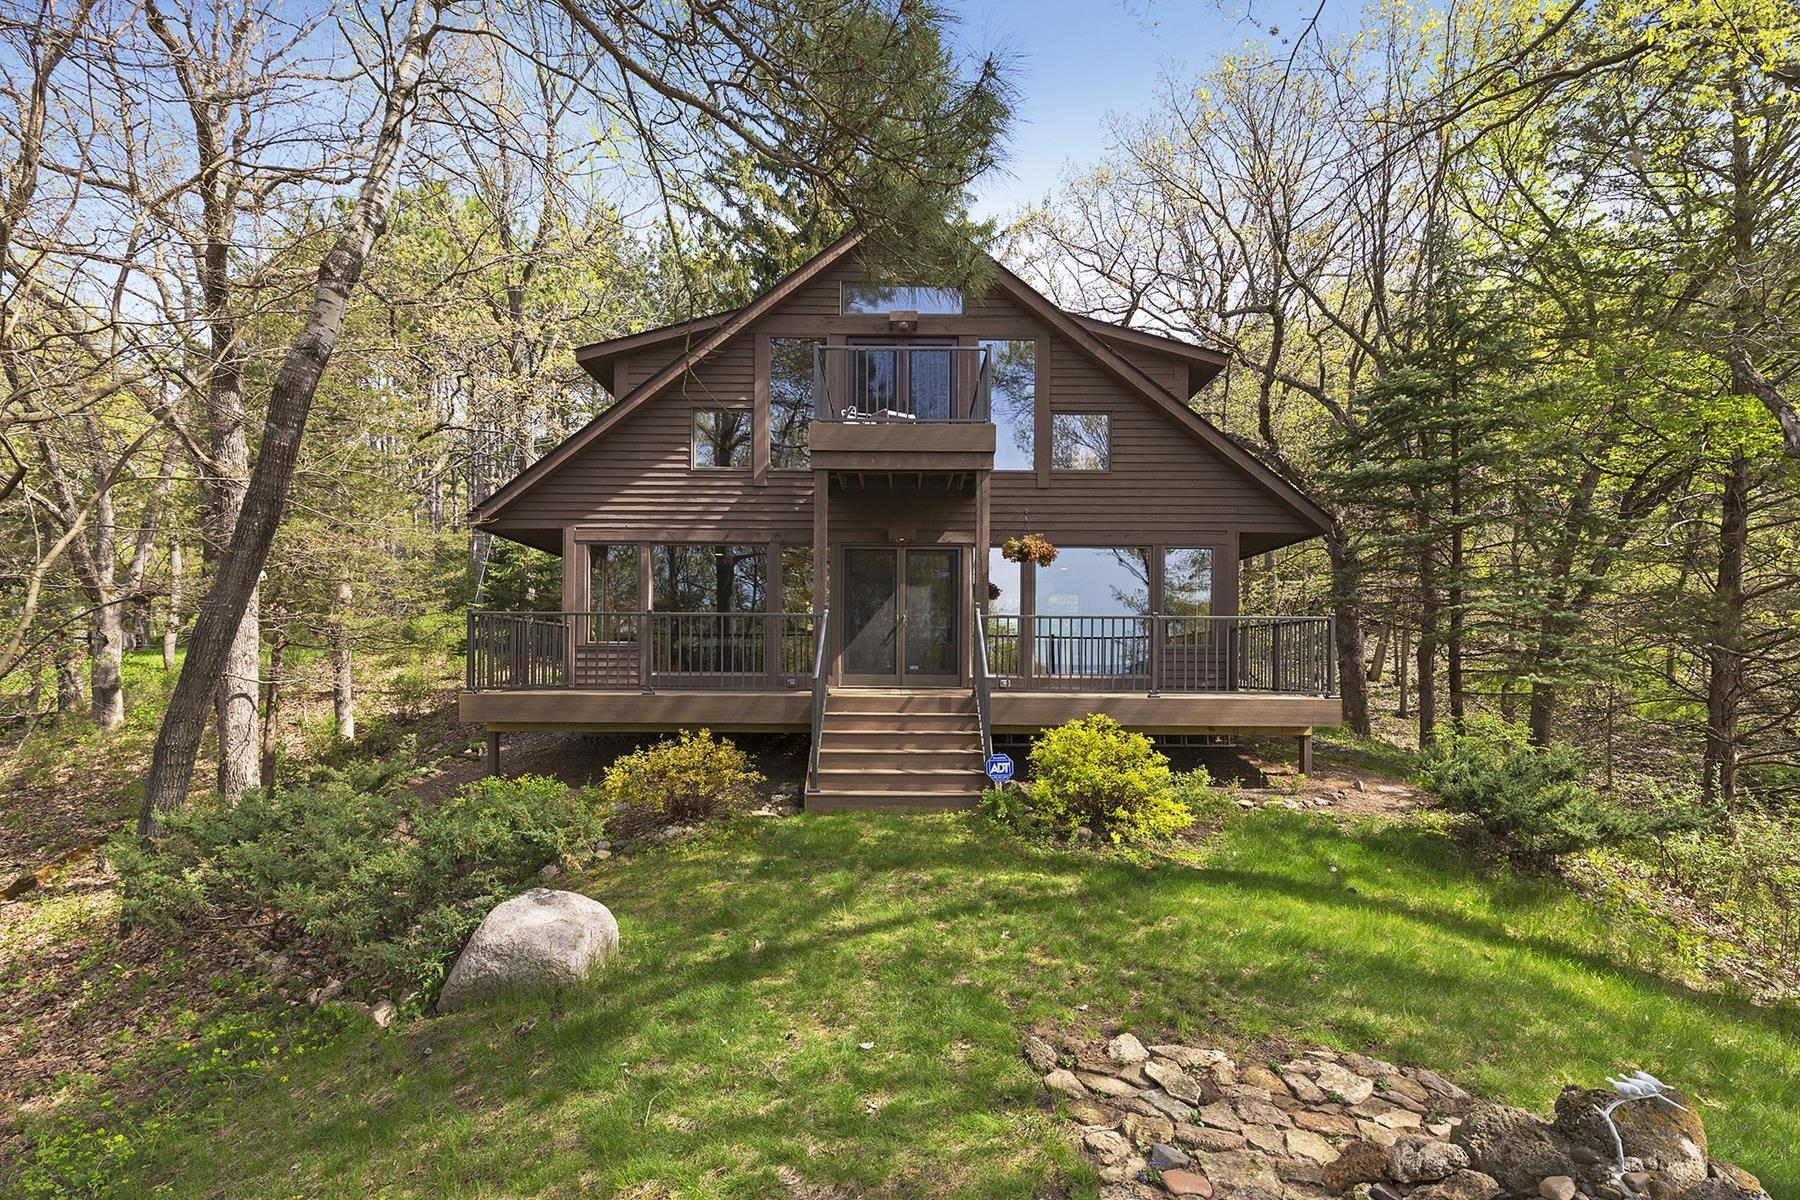 Maison unifamiliale pour l Vente à 183 Glenmont Road River Falls, Wisconsin, 54022 États-Unis